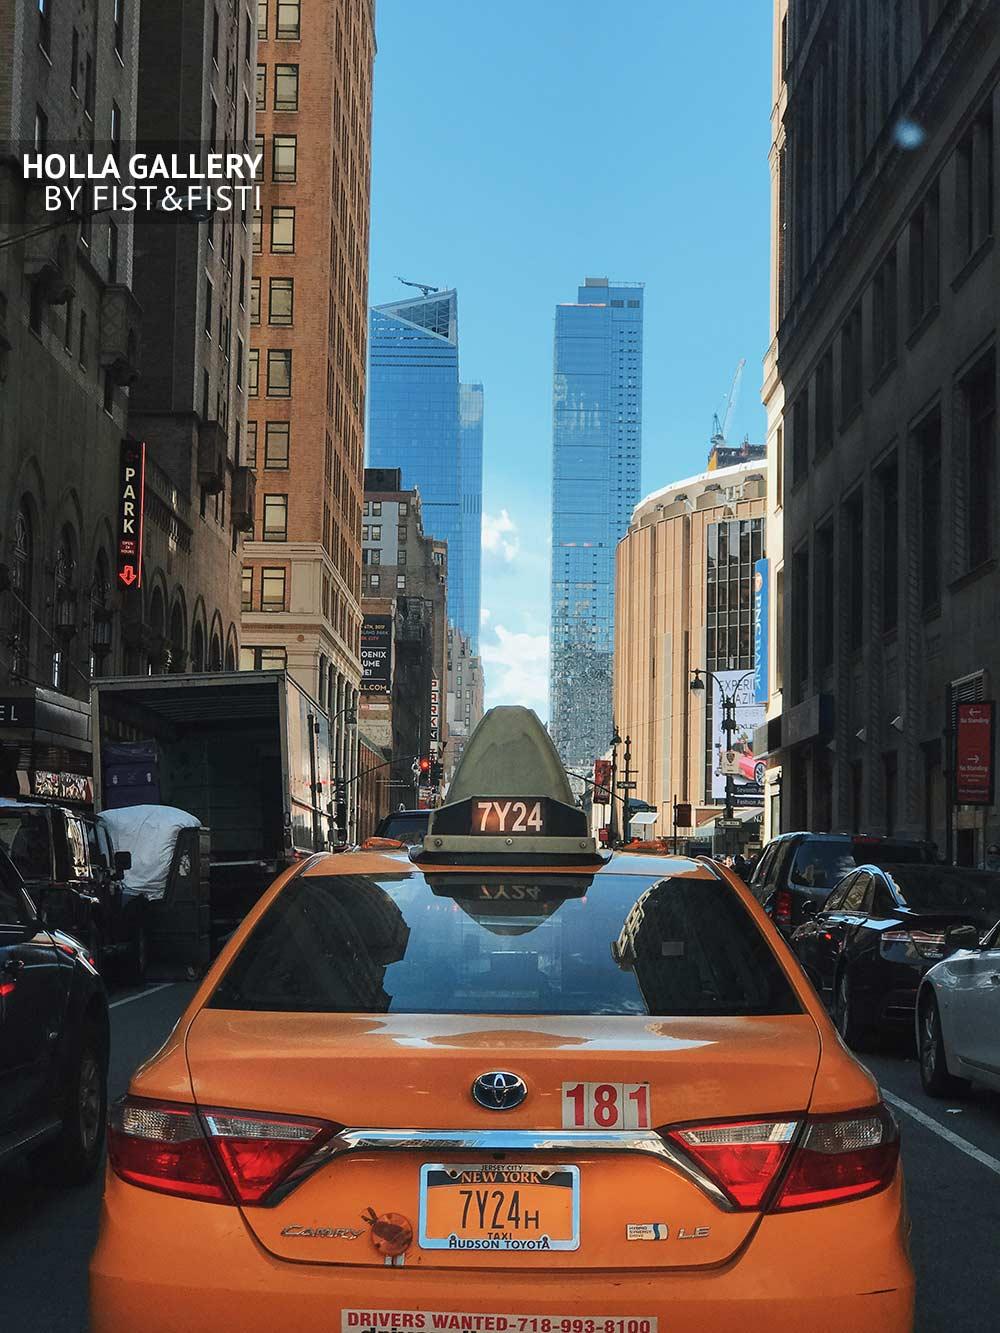 Желтые такси Нью-Йорка с видом на центральные авеню. Небоскребы мегаполиса